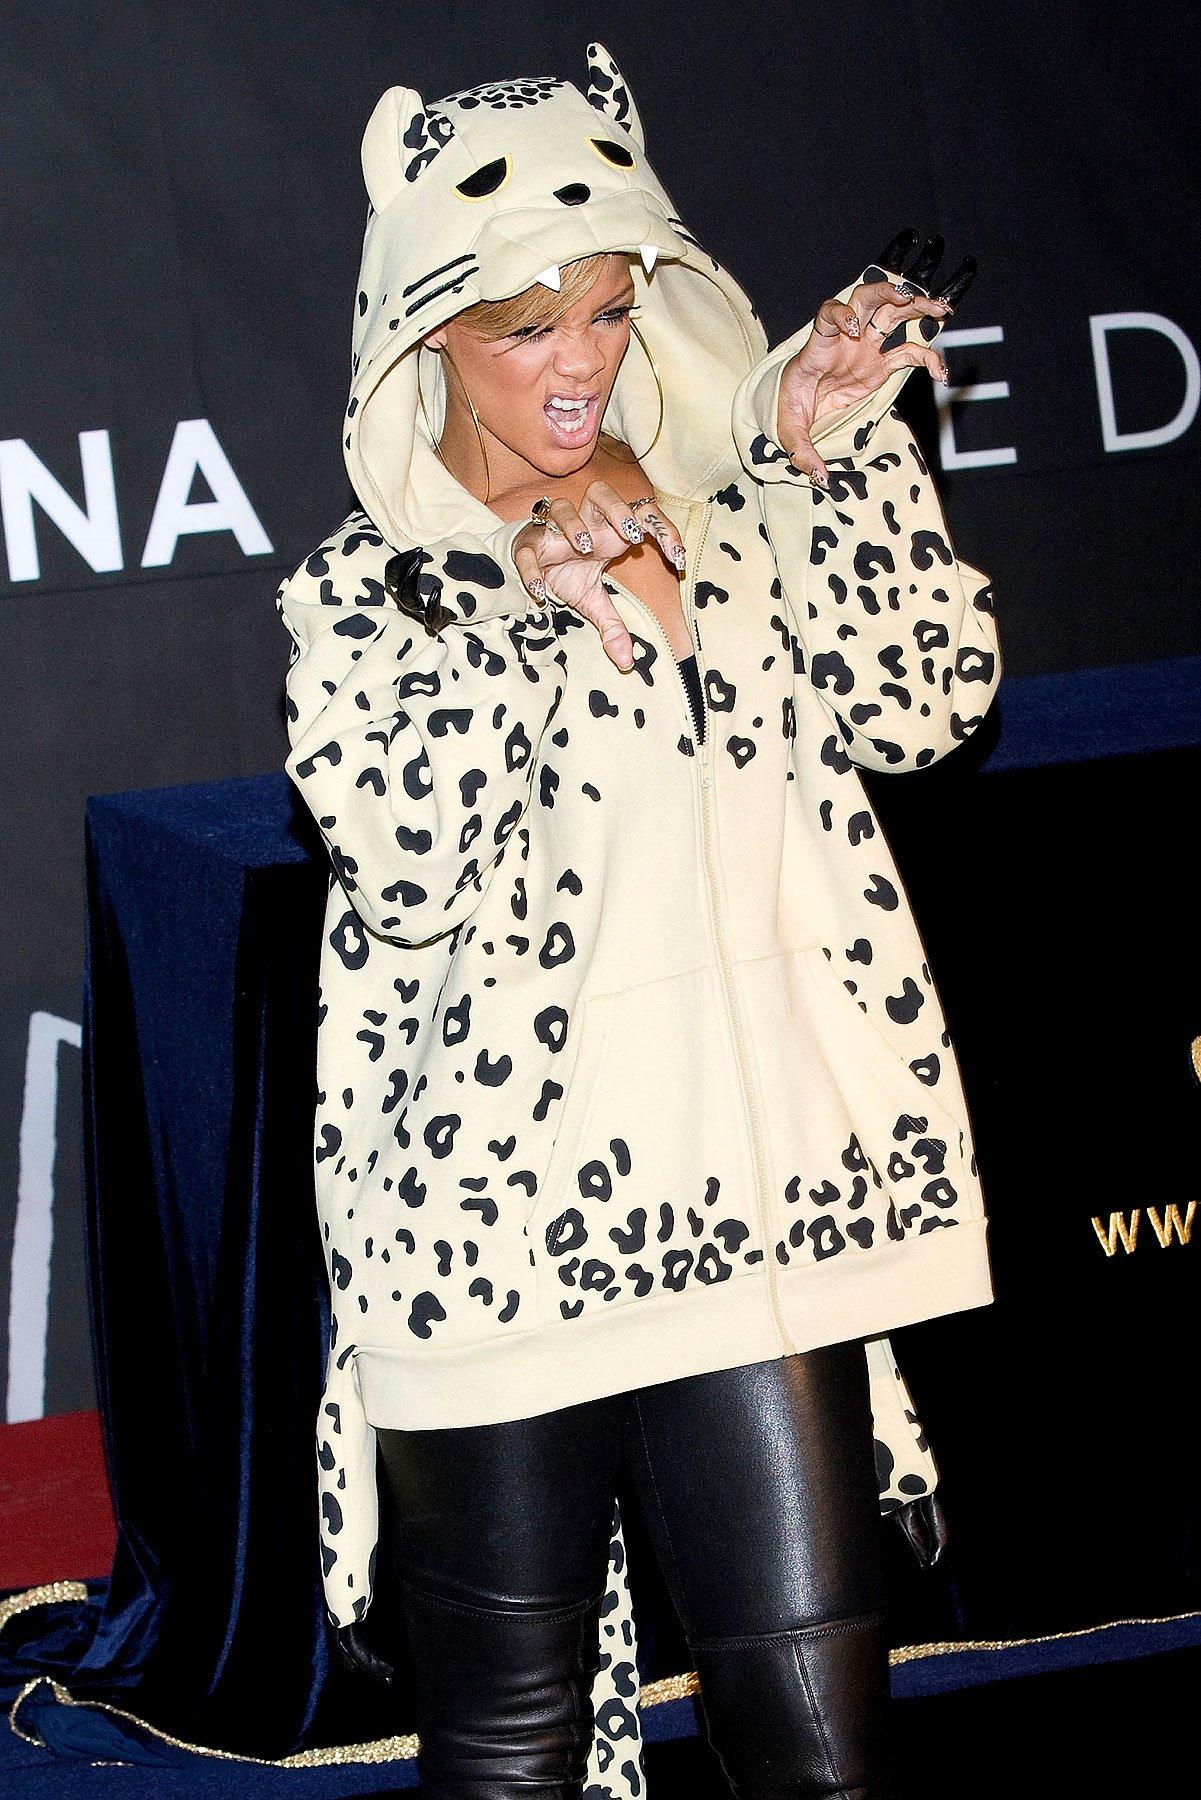 Hey, Rihanna Is Dressed Like a Giant Cat! (PHOTOS)